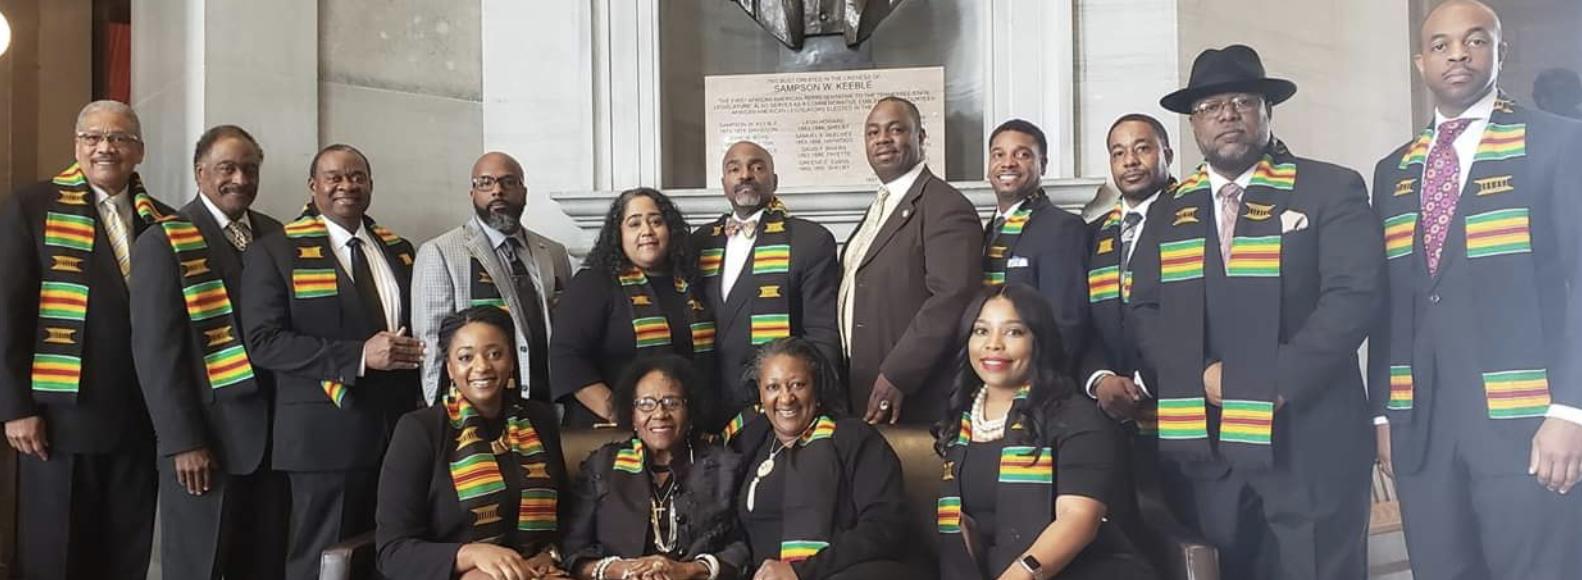 Tennessee Black Caucus for Legislators (Photo: Facebook)